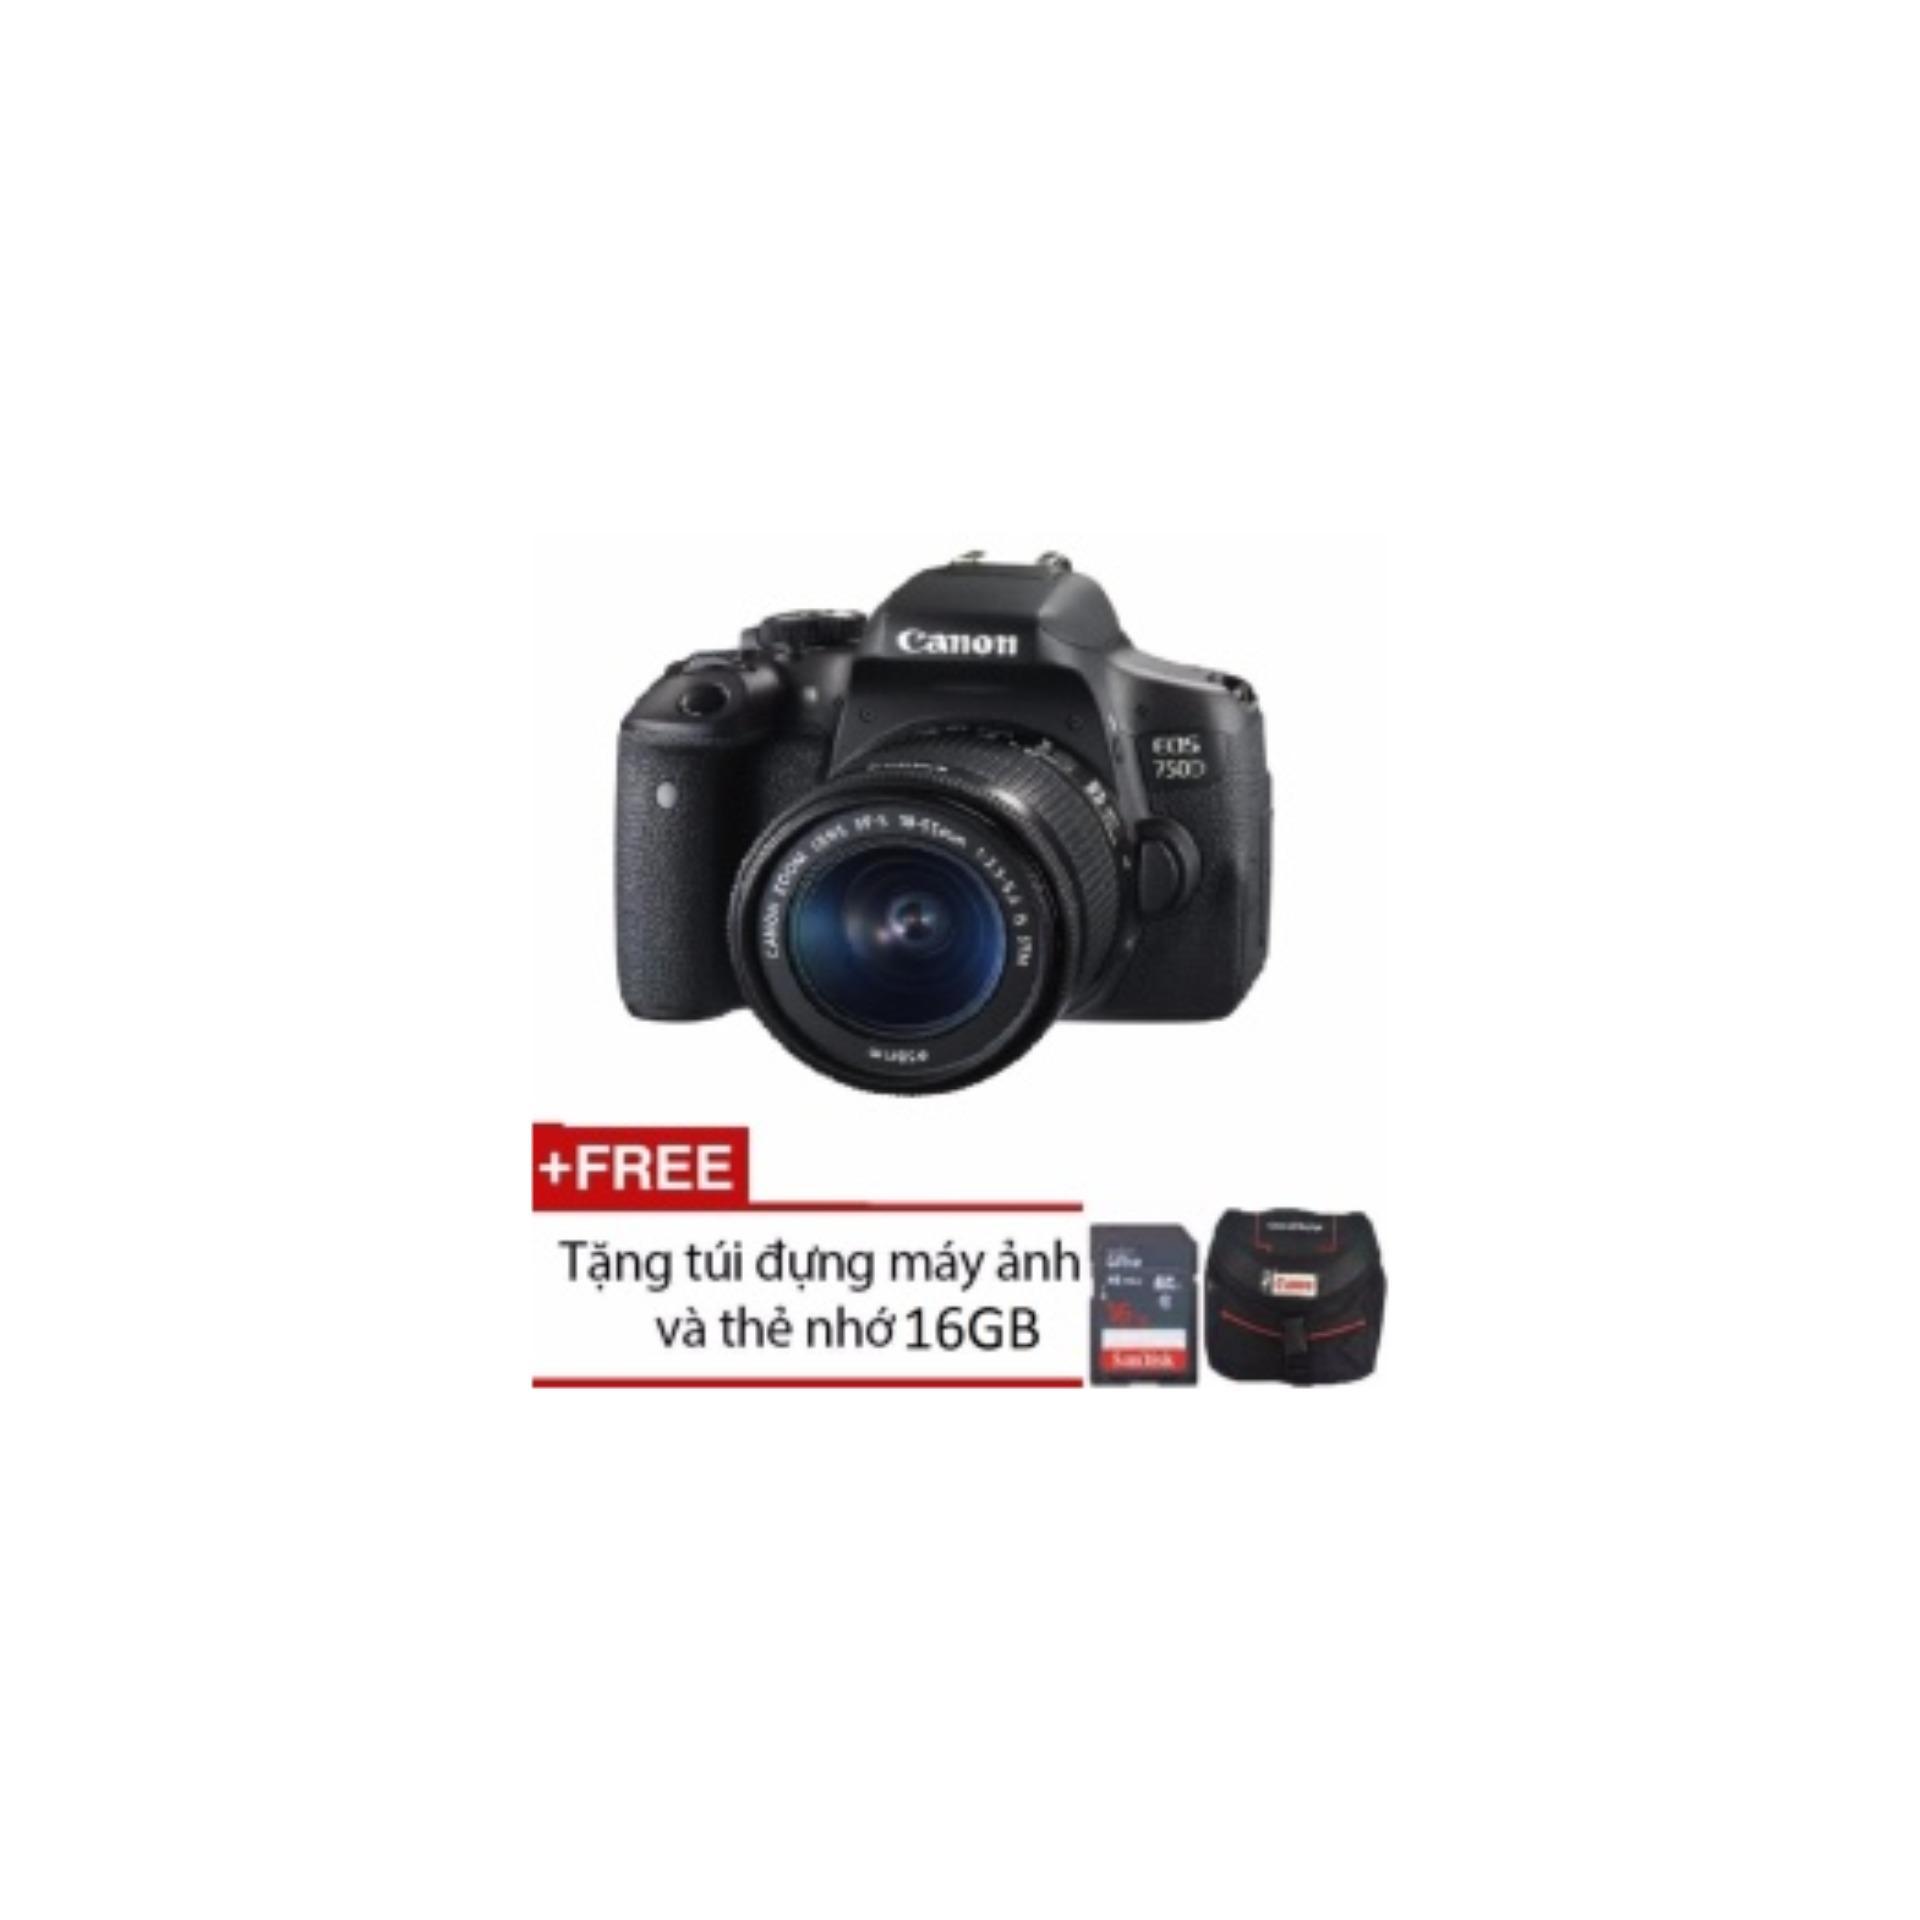 Canon EOS 750D 24.2MP và lens Kit 18-55mm IS STM (Đen) + Tặng 1 thẻ nhớ 16GB và 1 túi đựng máy ảnh